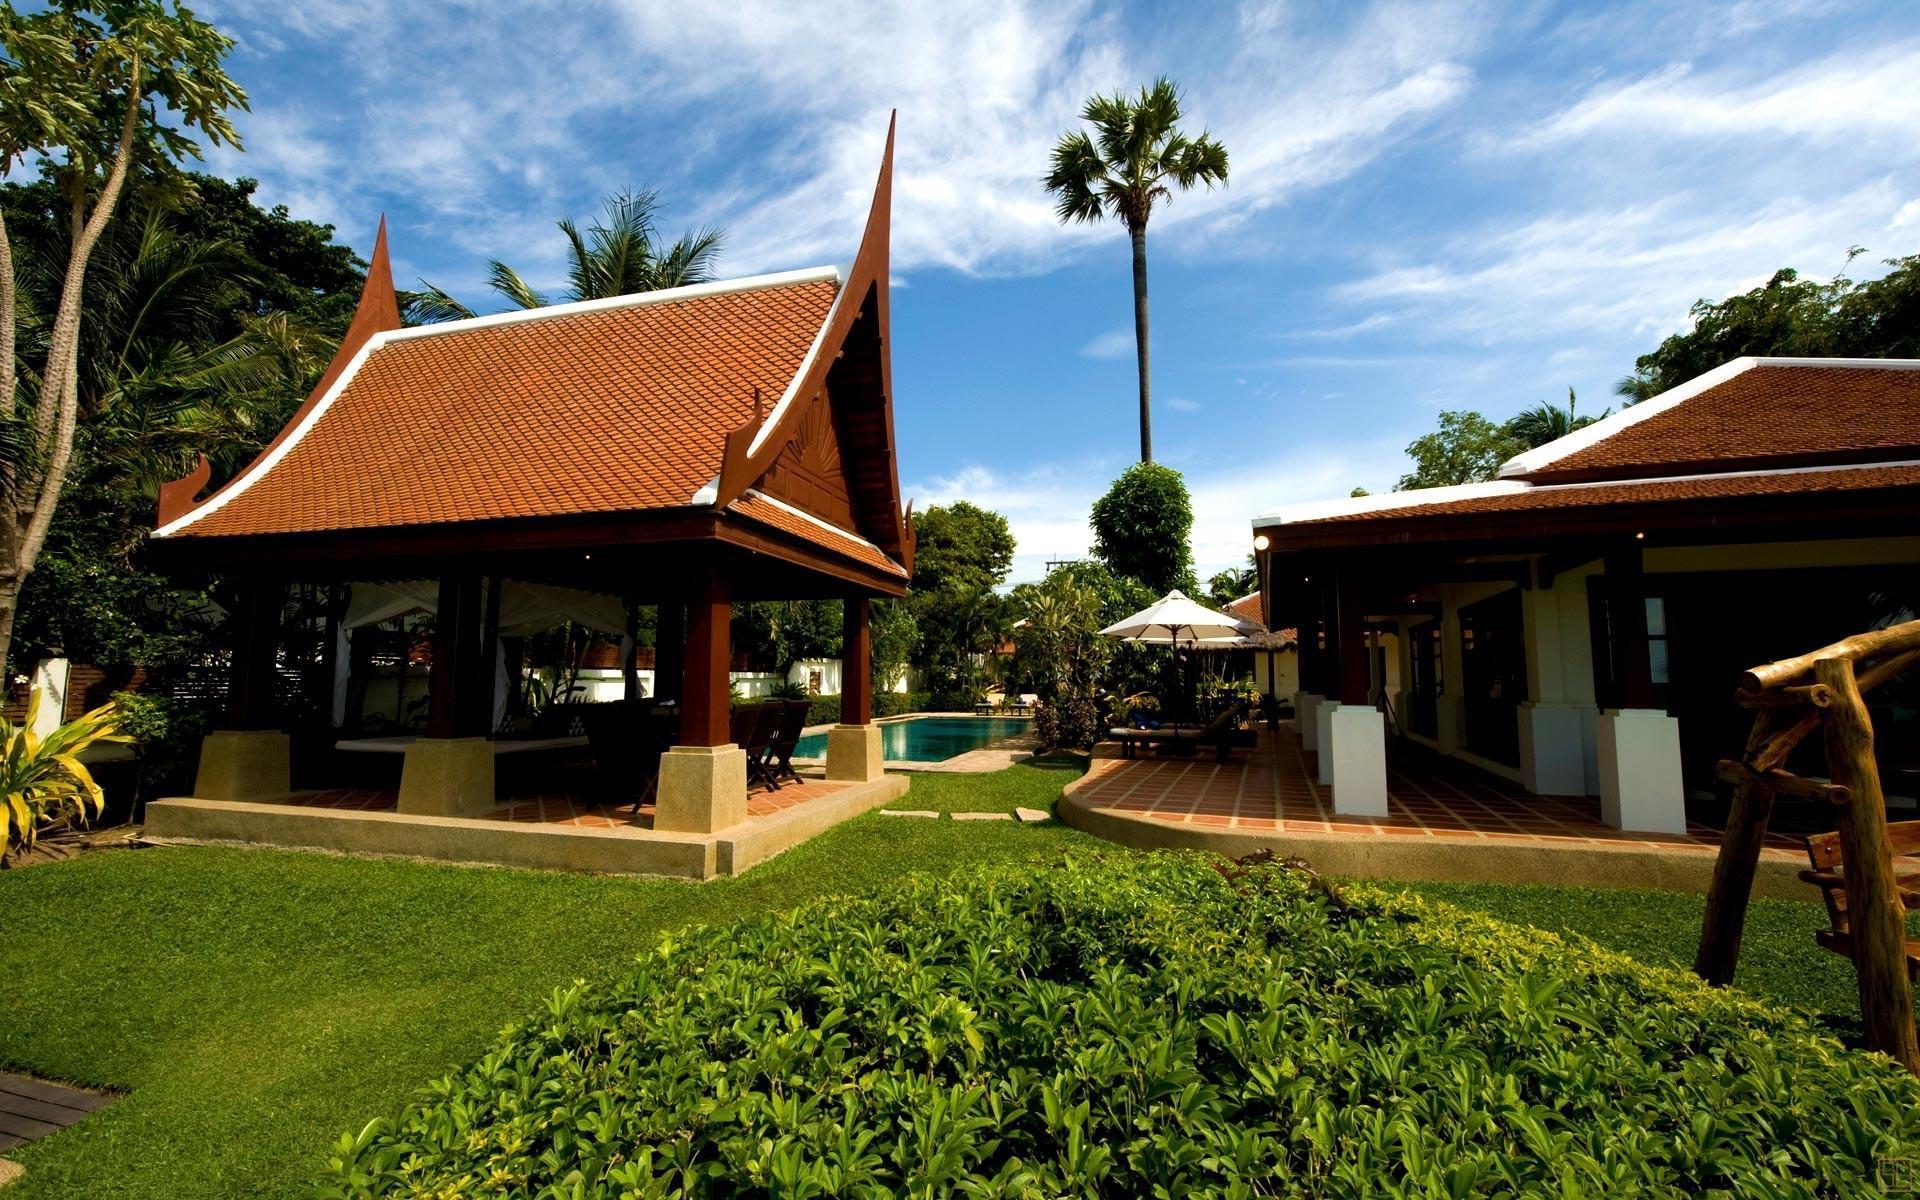 泰国苏梅岛密斯卡湾罗望子别墅庭院